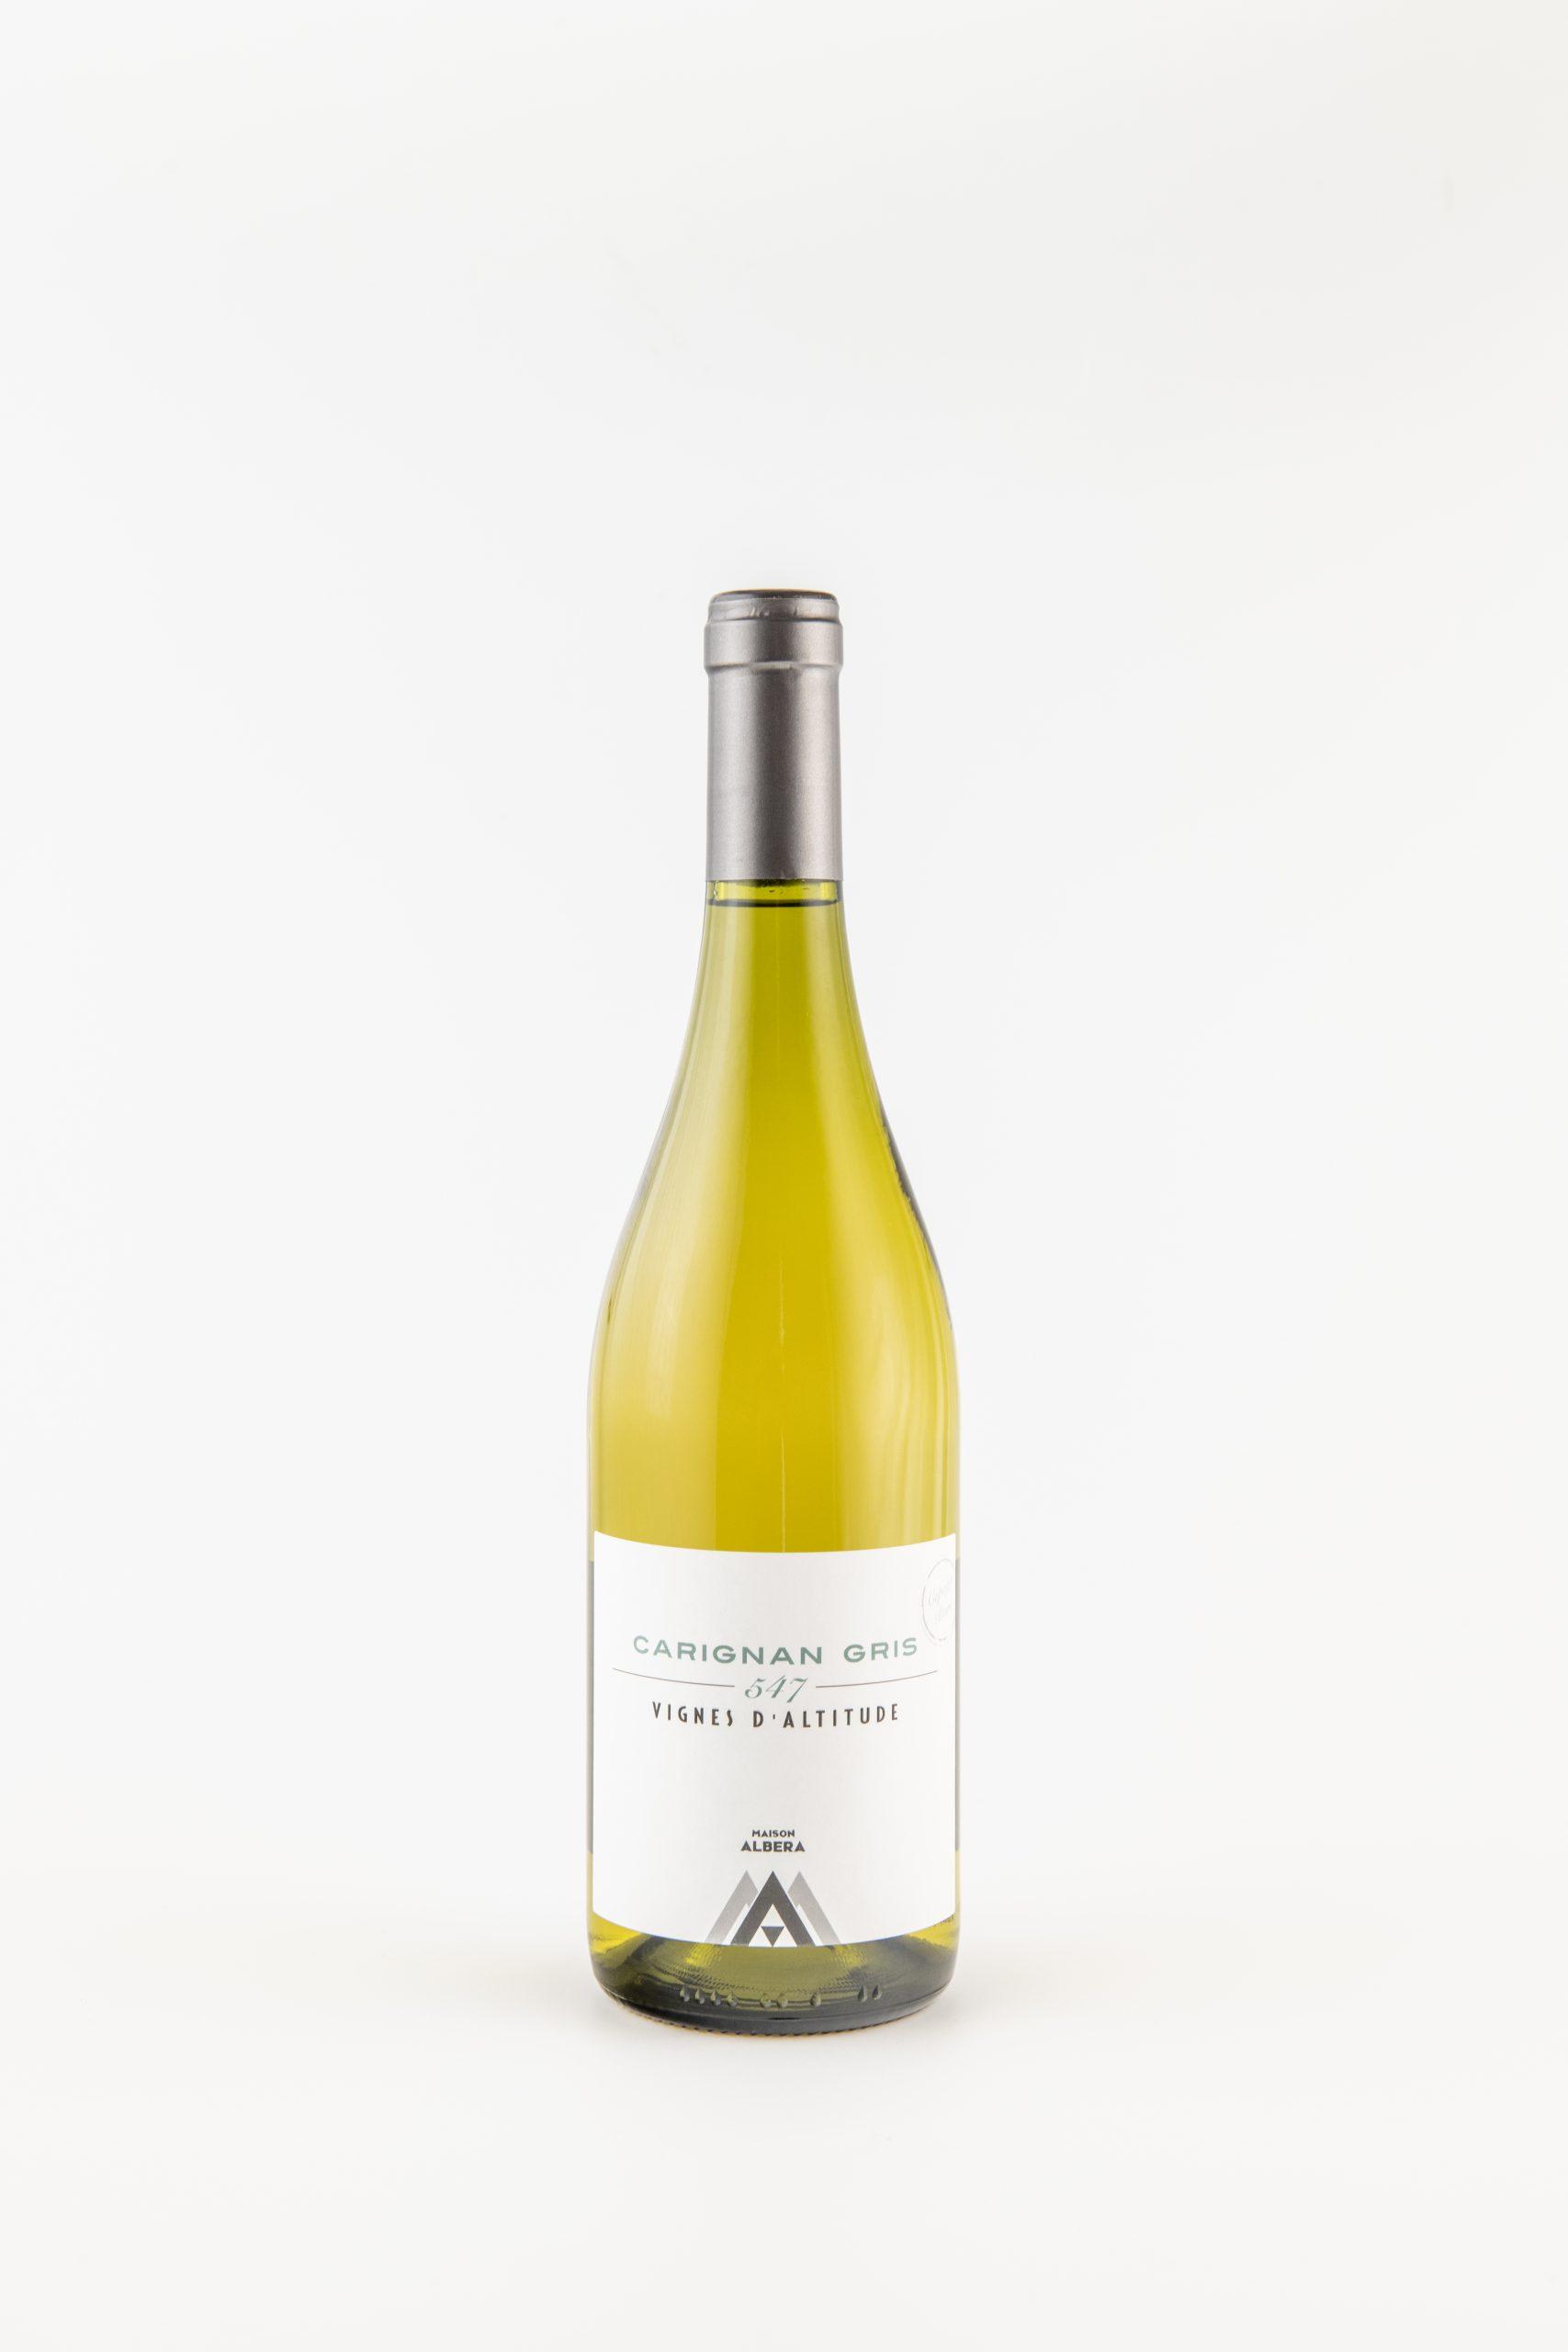 Photographie d'une bouteille de vin blanc sur fond blanc